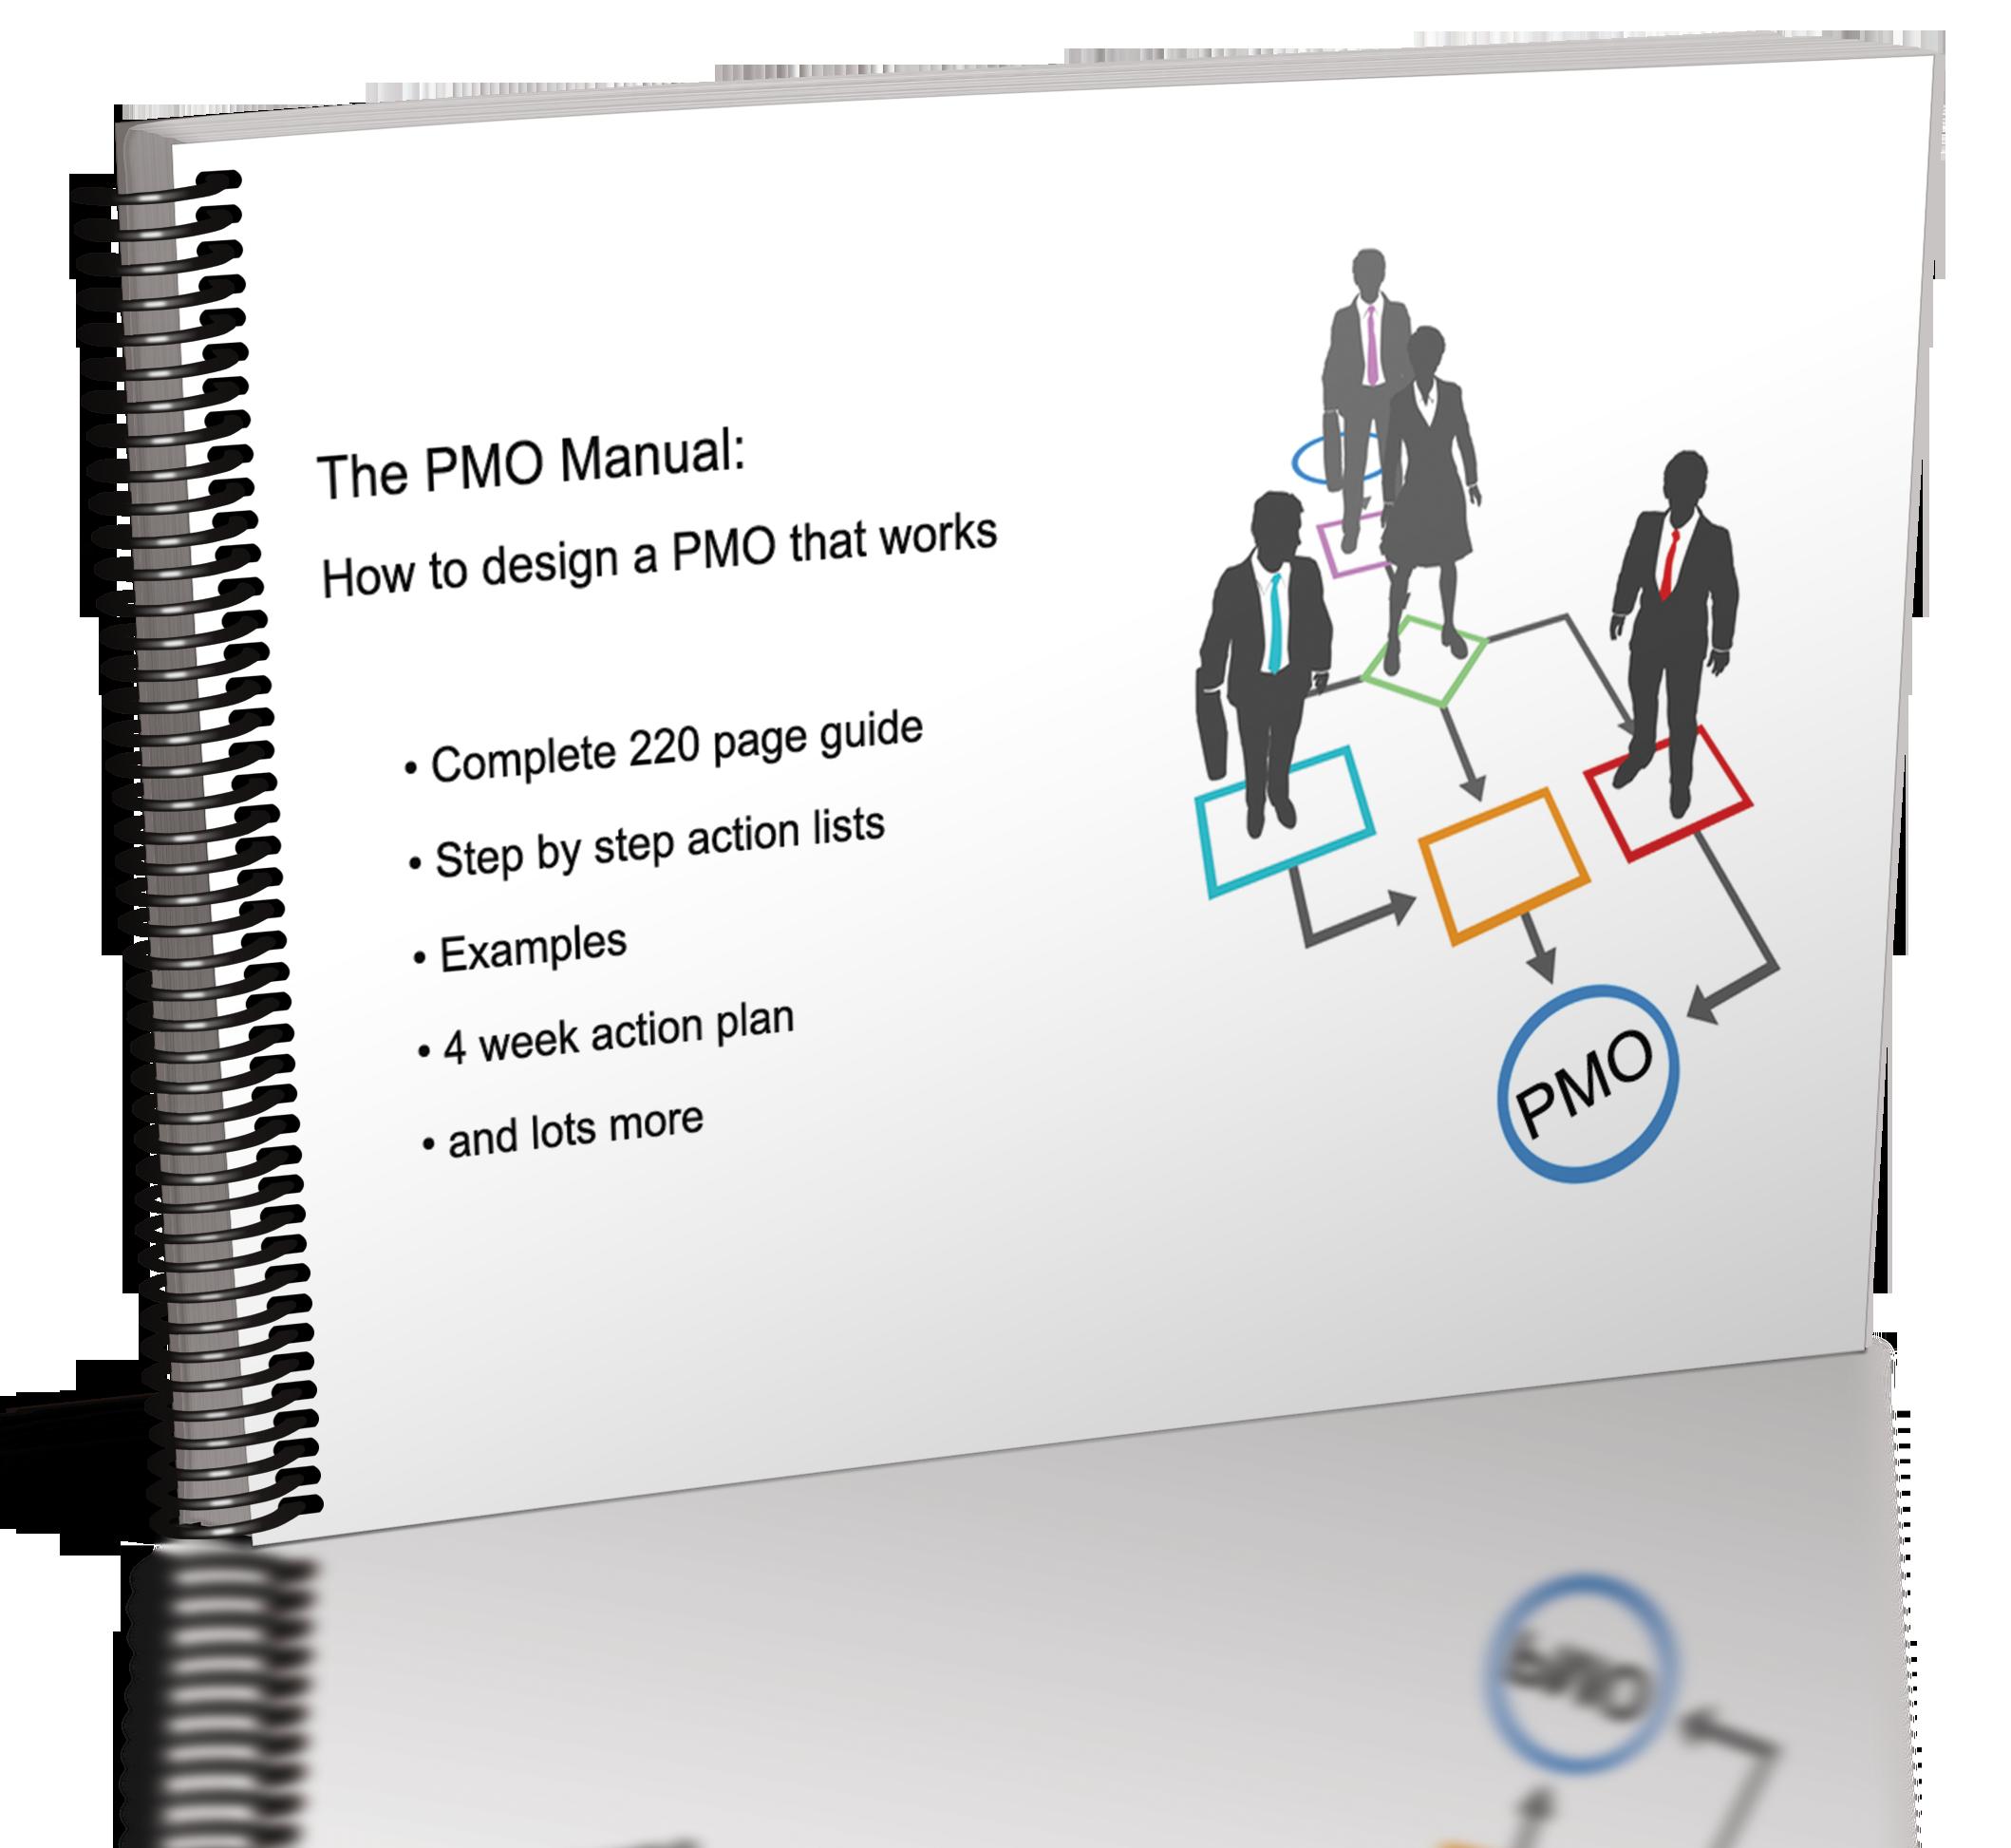 The PMO Manual